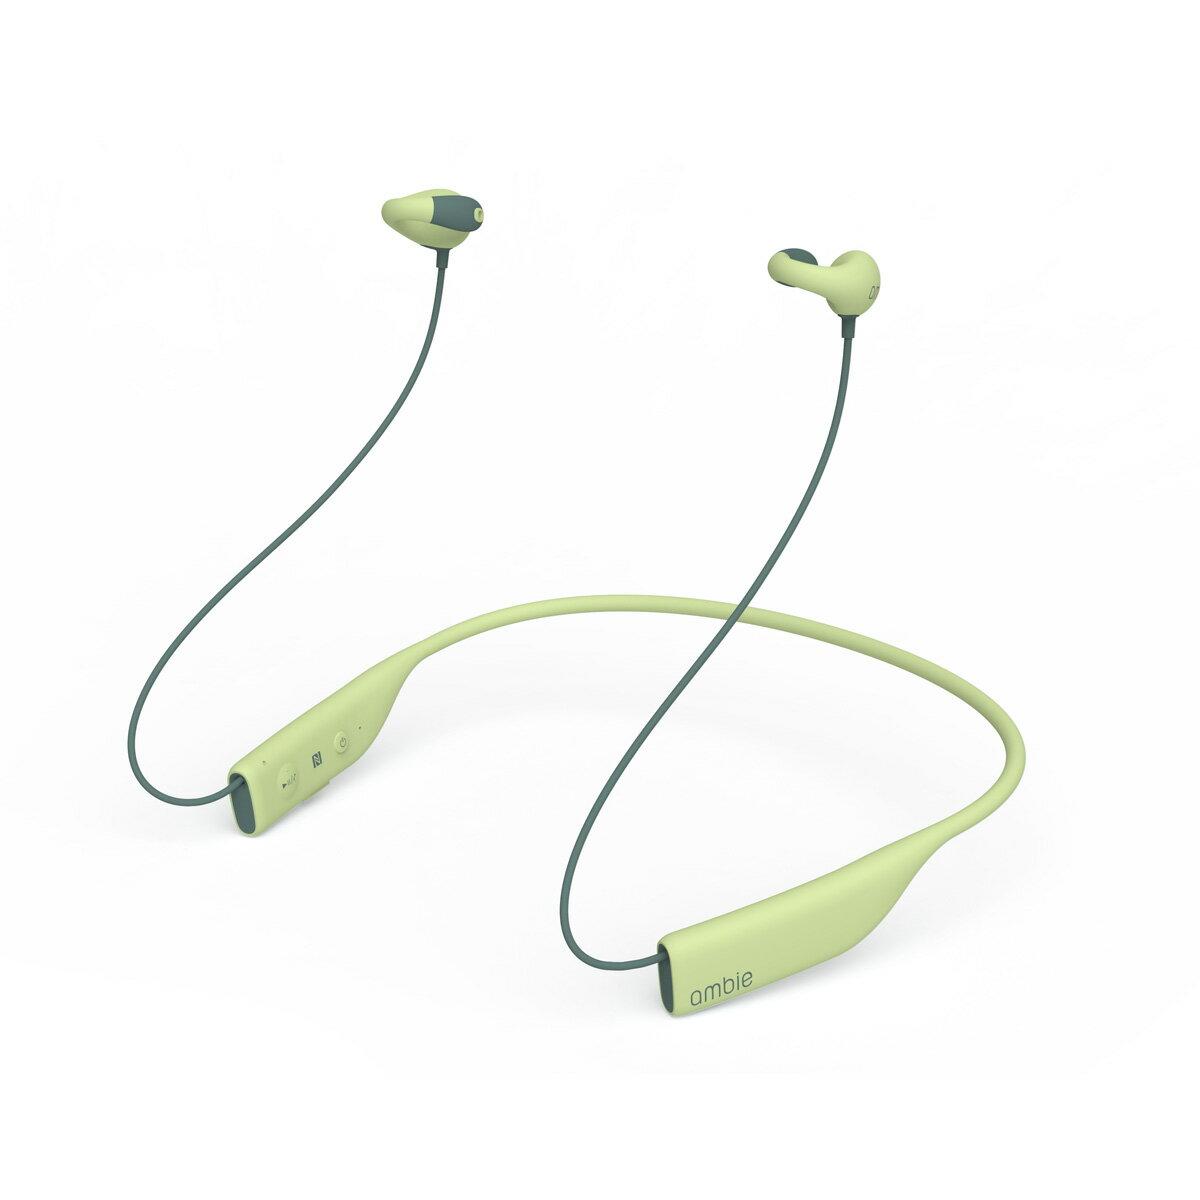 最新モデル Bluetooth イヤホン 高音質 ワイヤレス イヤホン 【ambie wireless earcuffs(アンビー ワイヤレスイヤカフ)/Cactus Green】 Bluetooth 4.1 イヤホン ランニング ブルートゥース イヤホン bluetooth ながら聴き 耳にいれない 送料無料